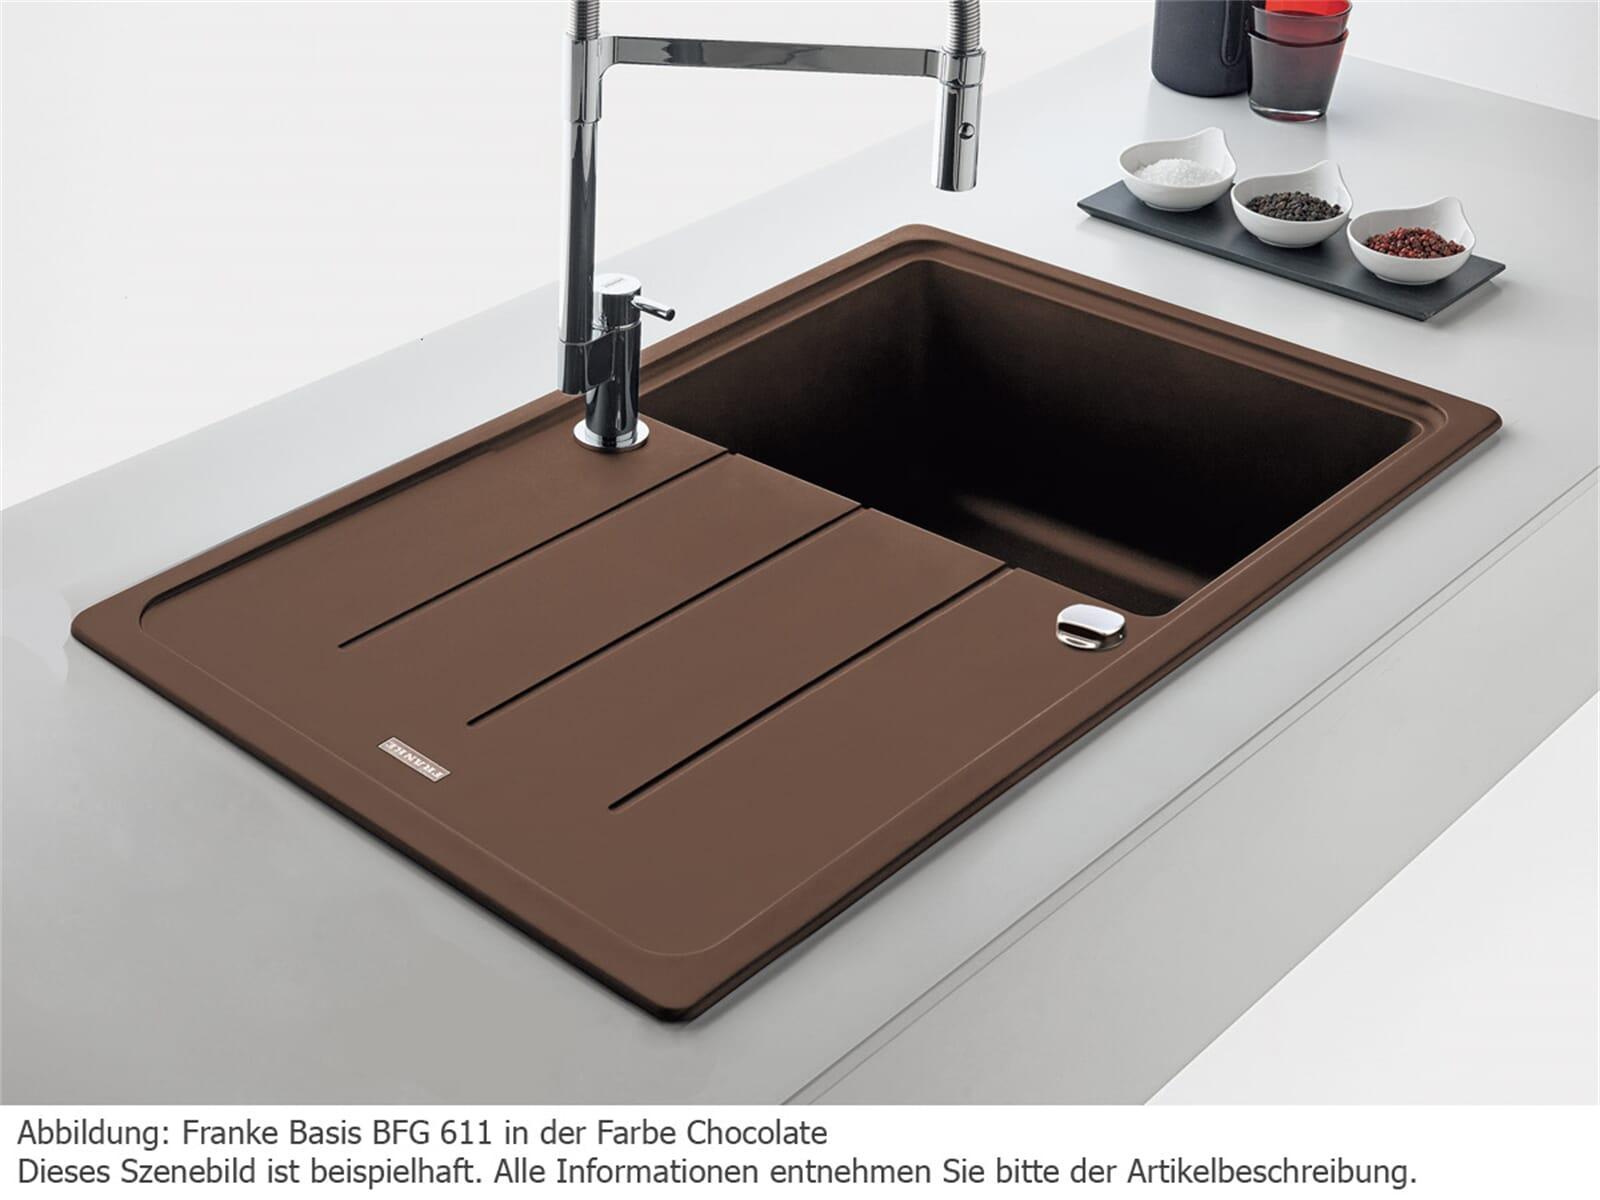 franke basis bfg 611 magnolia granit sp le f r 174 90 eur. Black Bedroom Furniture Sets. Home Design Ideas